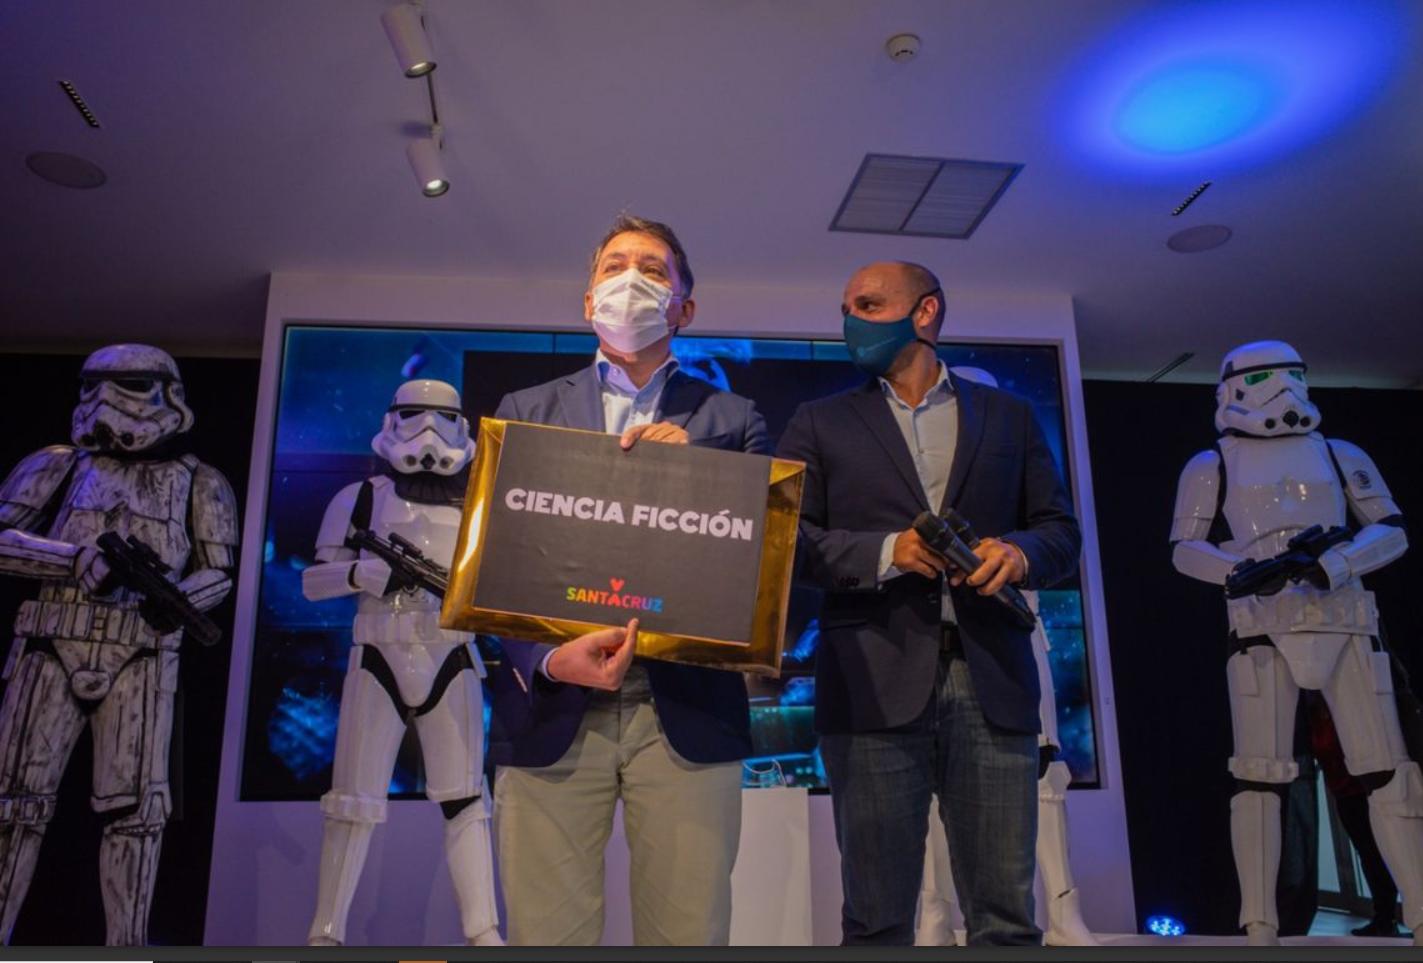 Acto de presentación del tema escogido para el Carnaval de Santa Cruz de Tenerife 2022: la ciencia ficción.